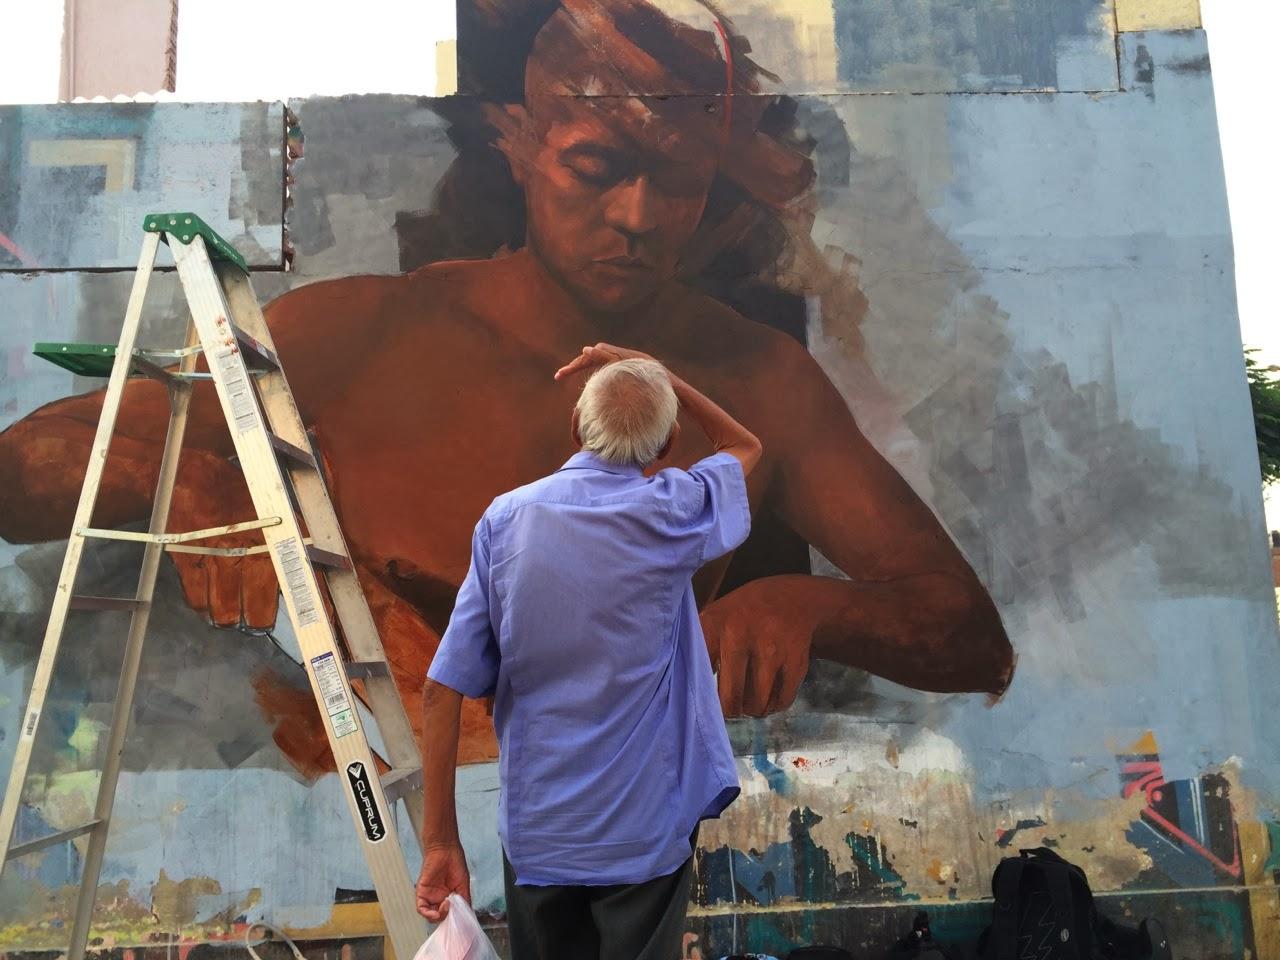 evoca1-loosing-hope-new-mural-in-chorrillos-lima-06